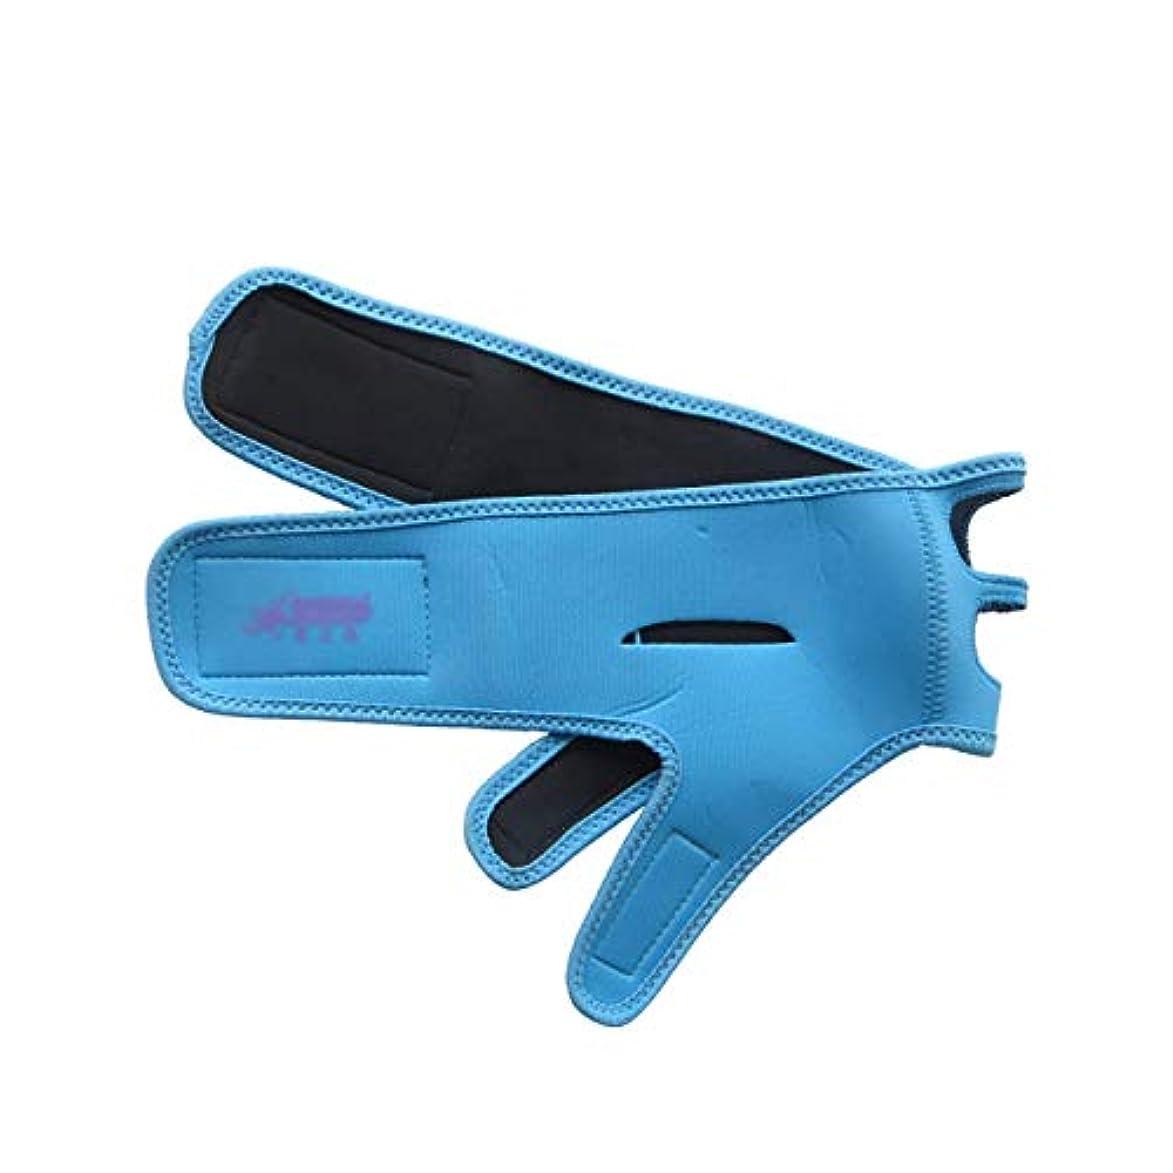 ボード帽子学校ファーミングフェイスマスク、フェイスリフトフェイスフェースフェイスアーティファクトVフェイスリフティングフェイス包帯シンフェイスマスクフェイスリフトフェイシャルマッサージ(カラー:B),B